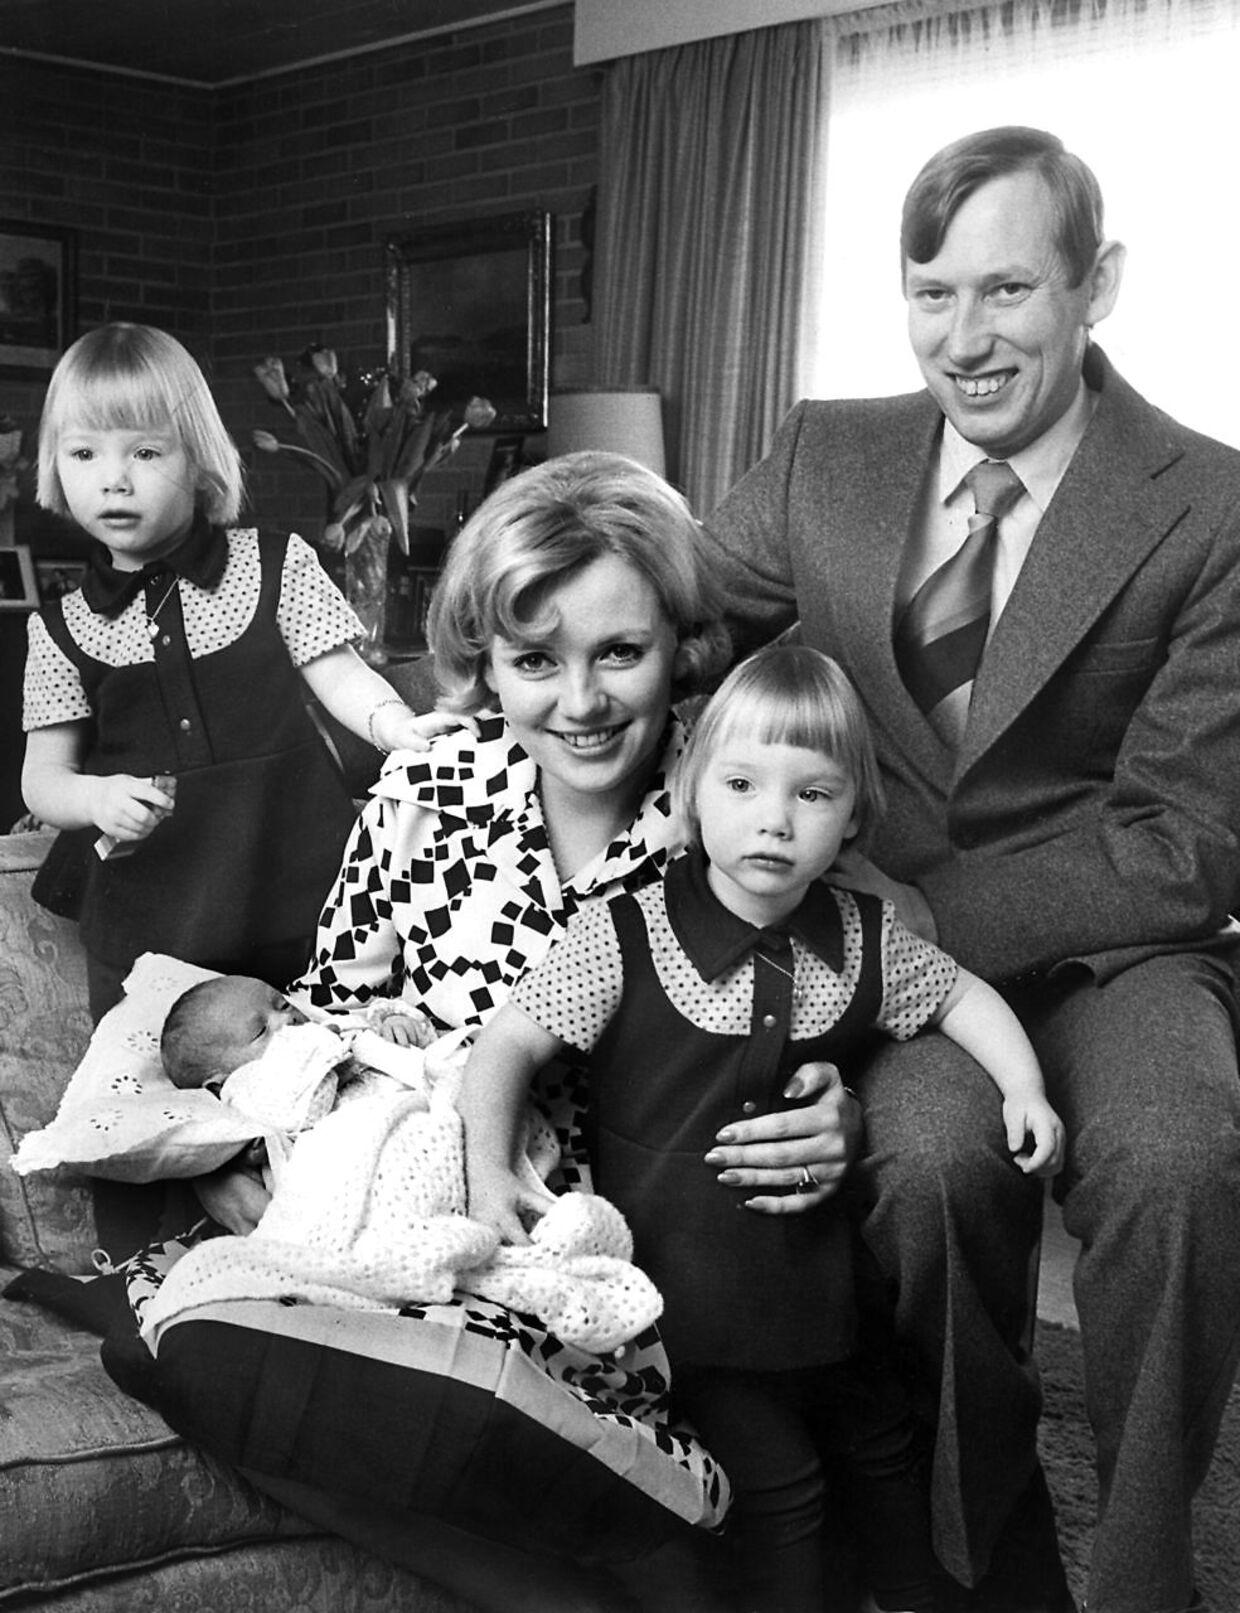 ARKIVFOTO af Grev Christian og Grevinde Anne Dorte af Rosenborg med tvillingedøtrene Camilla og Josephine og deres lillesøster Feodora.